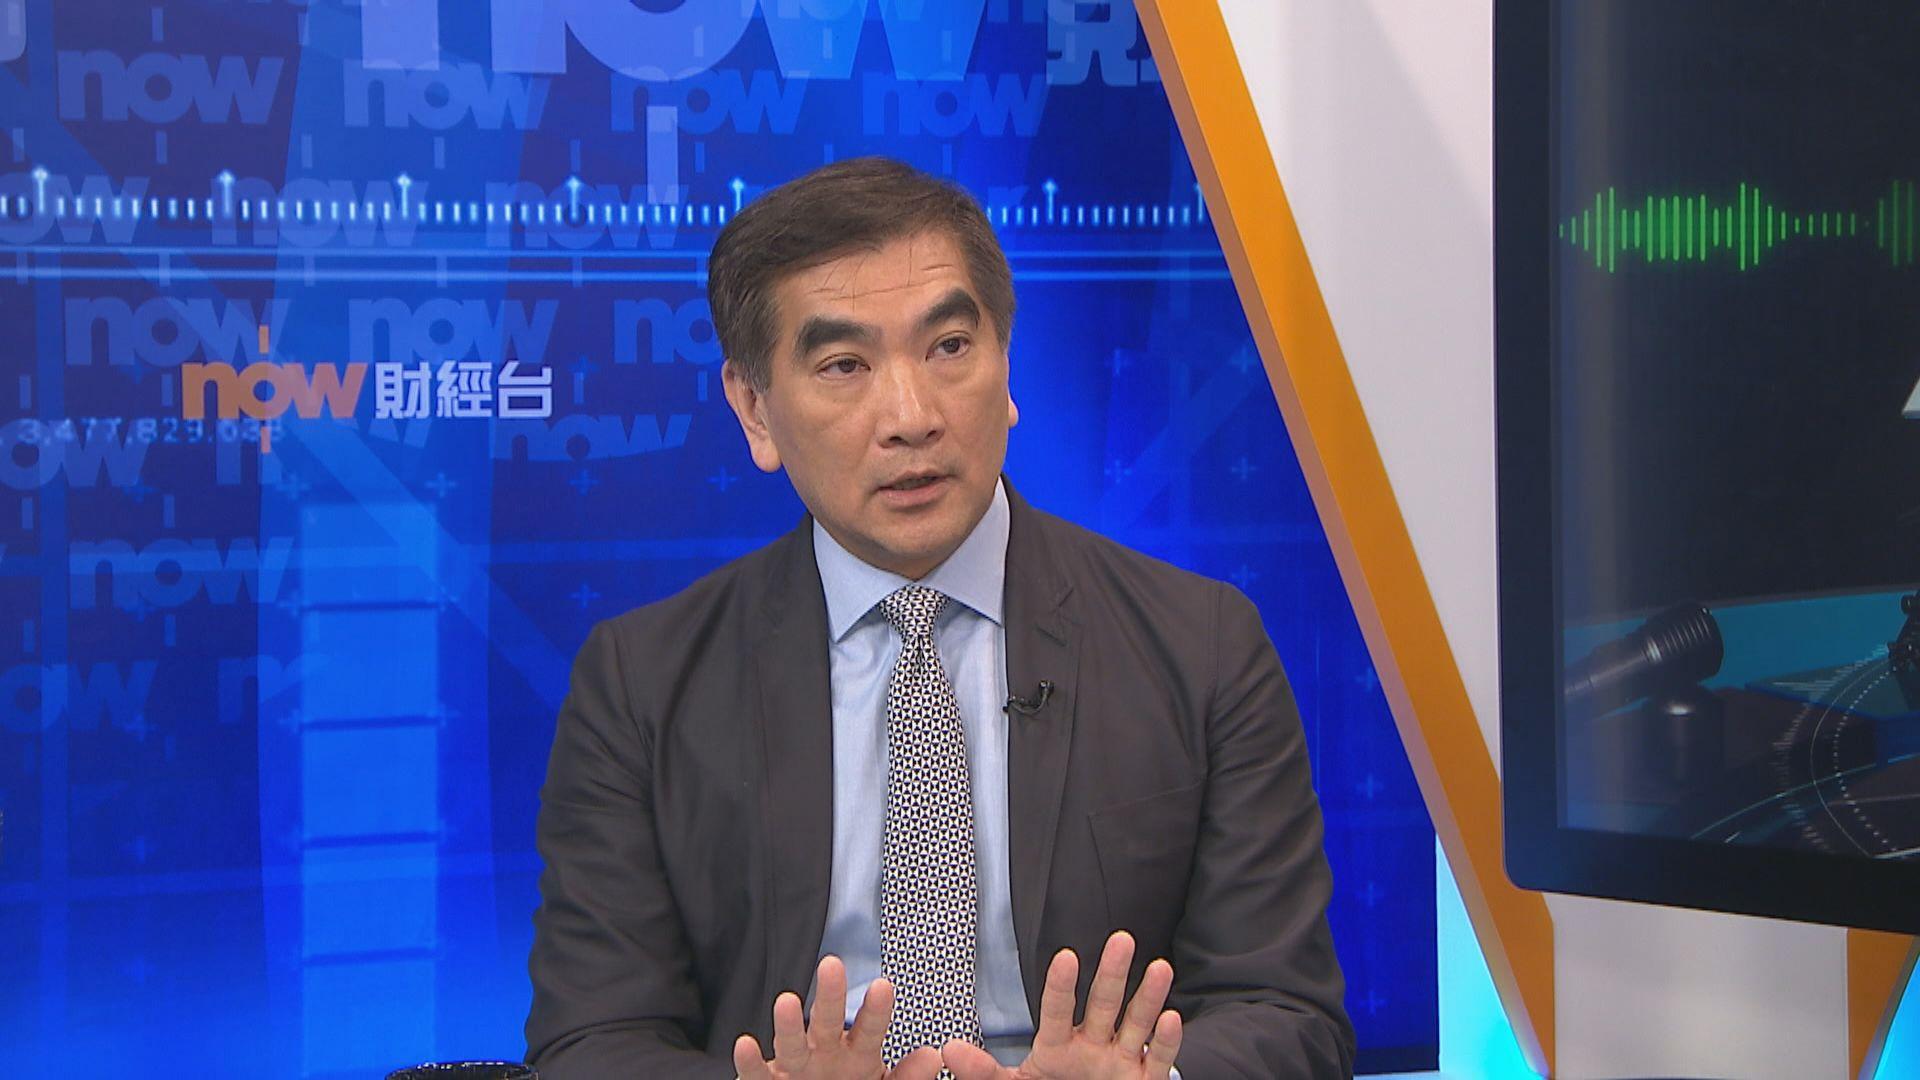 鍾國斌:美國國會議員不希望介入香港事務